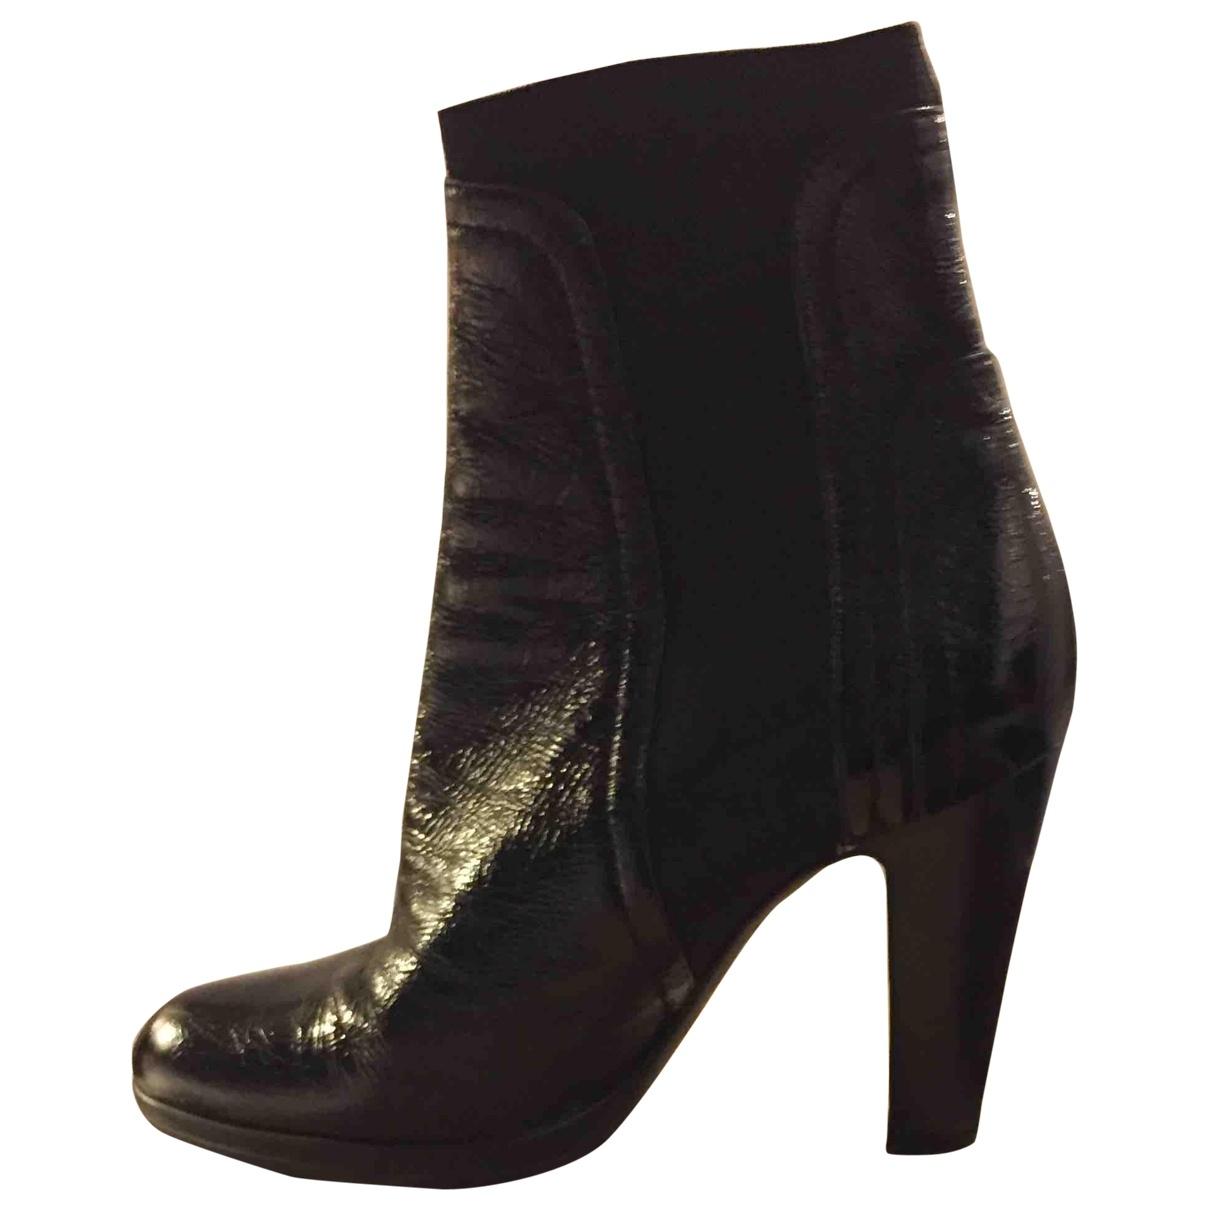 Sergio Rossi - Boots   pour femme en cuir verni - noir